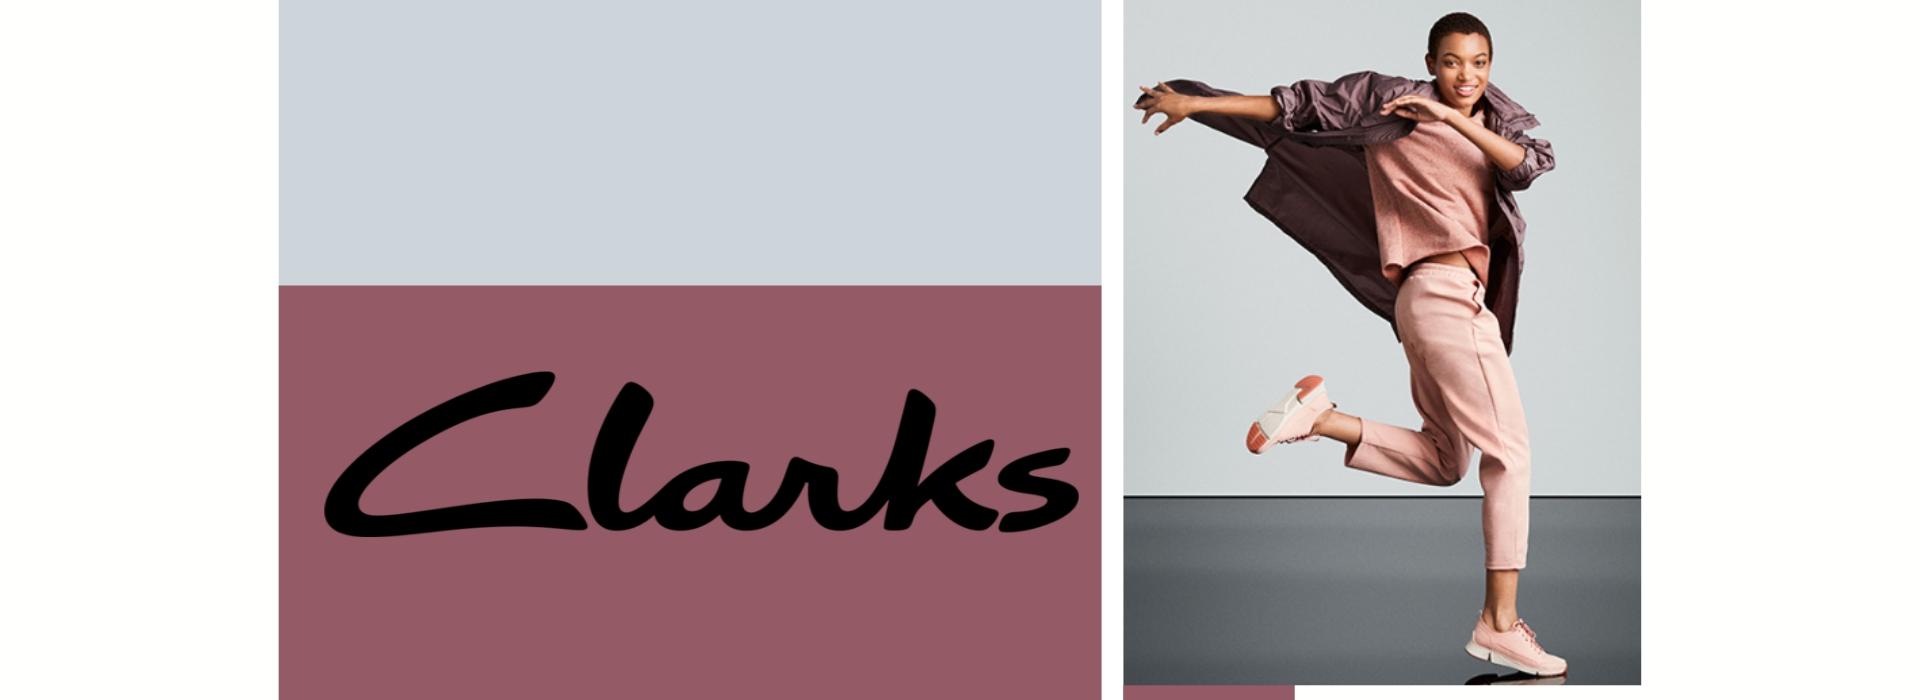 clarks-brand-banner-2.jpg